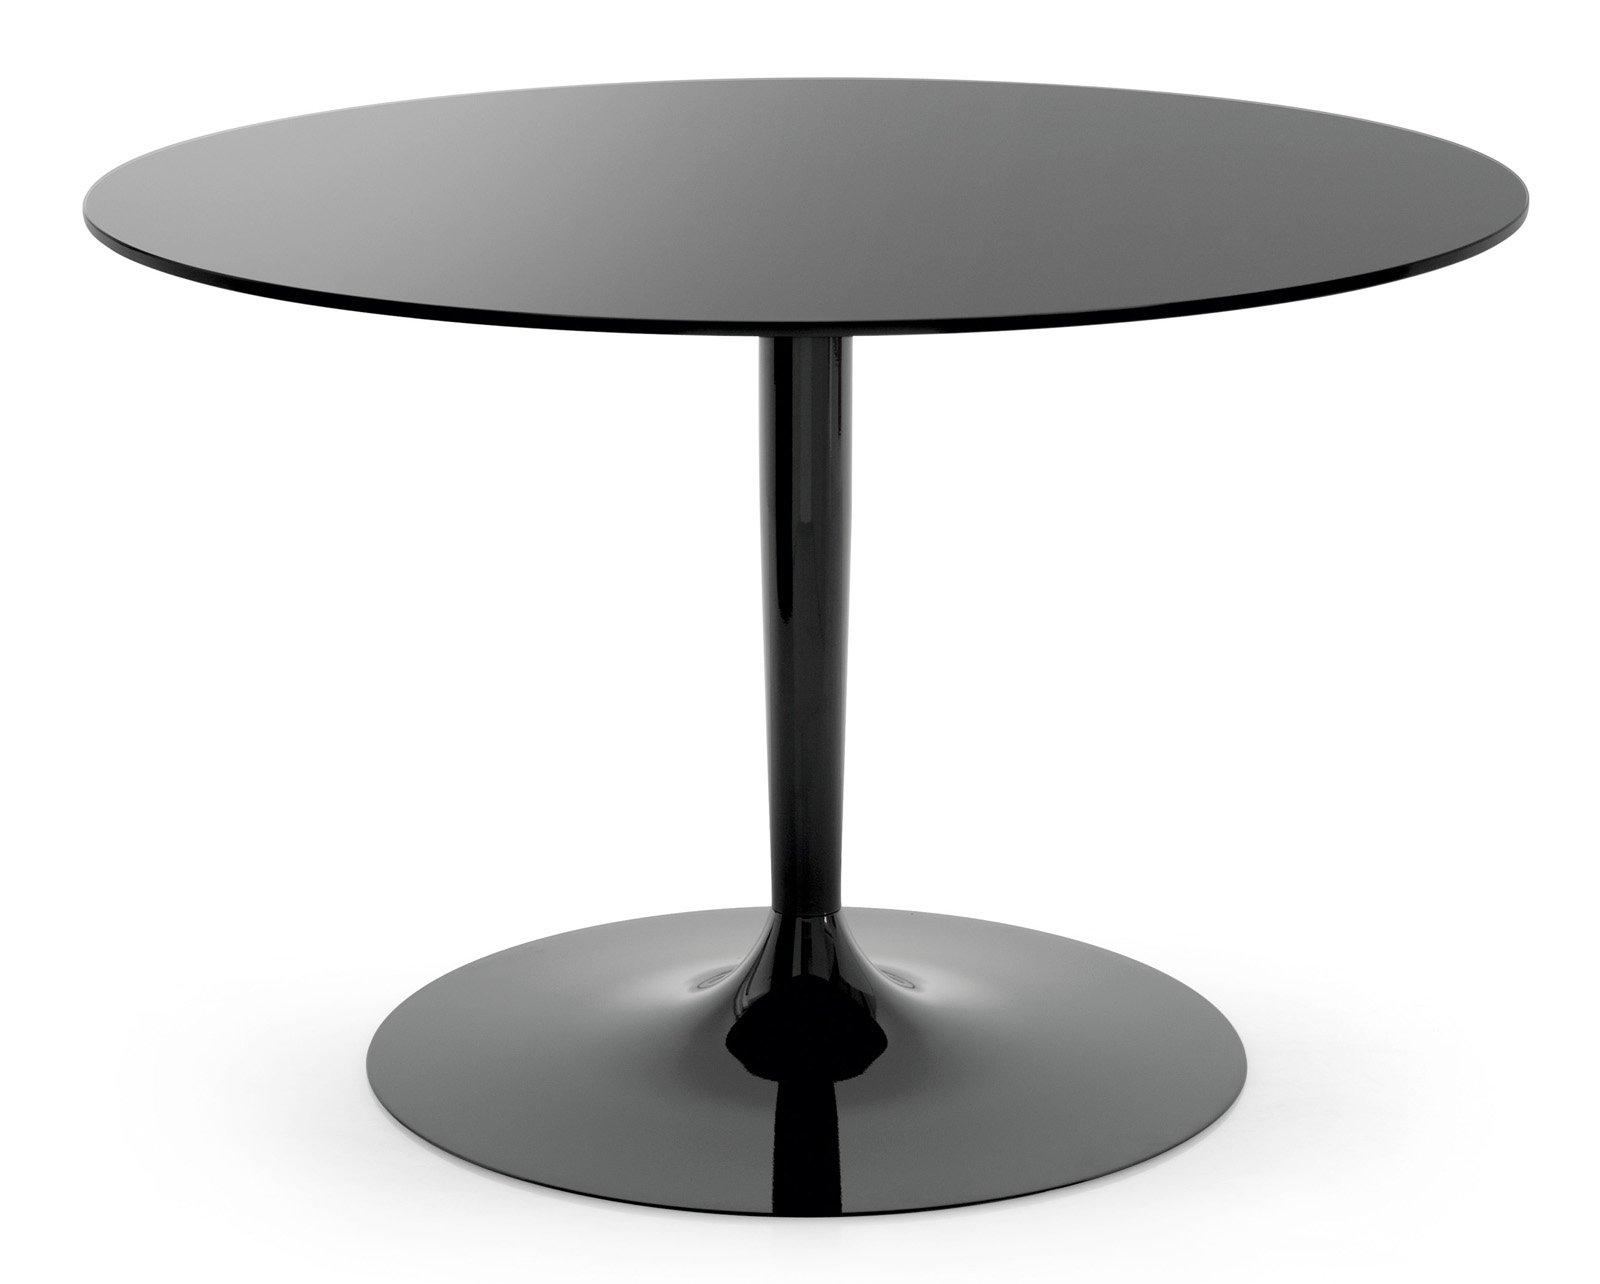 tavoli: tondo è bello, a volte salvaspazio - cose di casa - Tavolo Cucina Rotondo